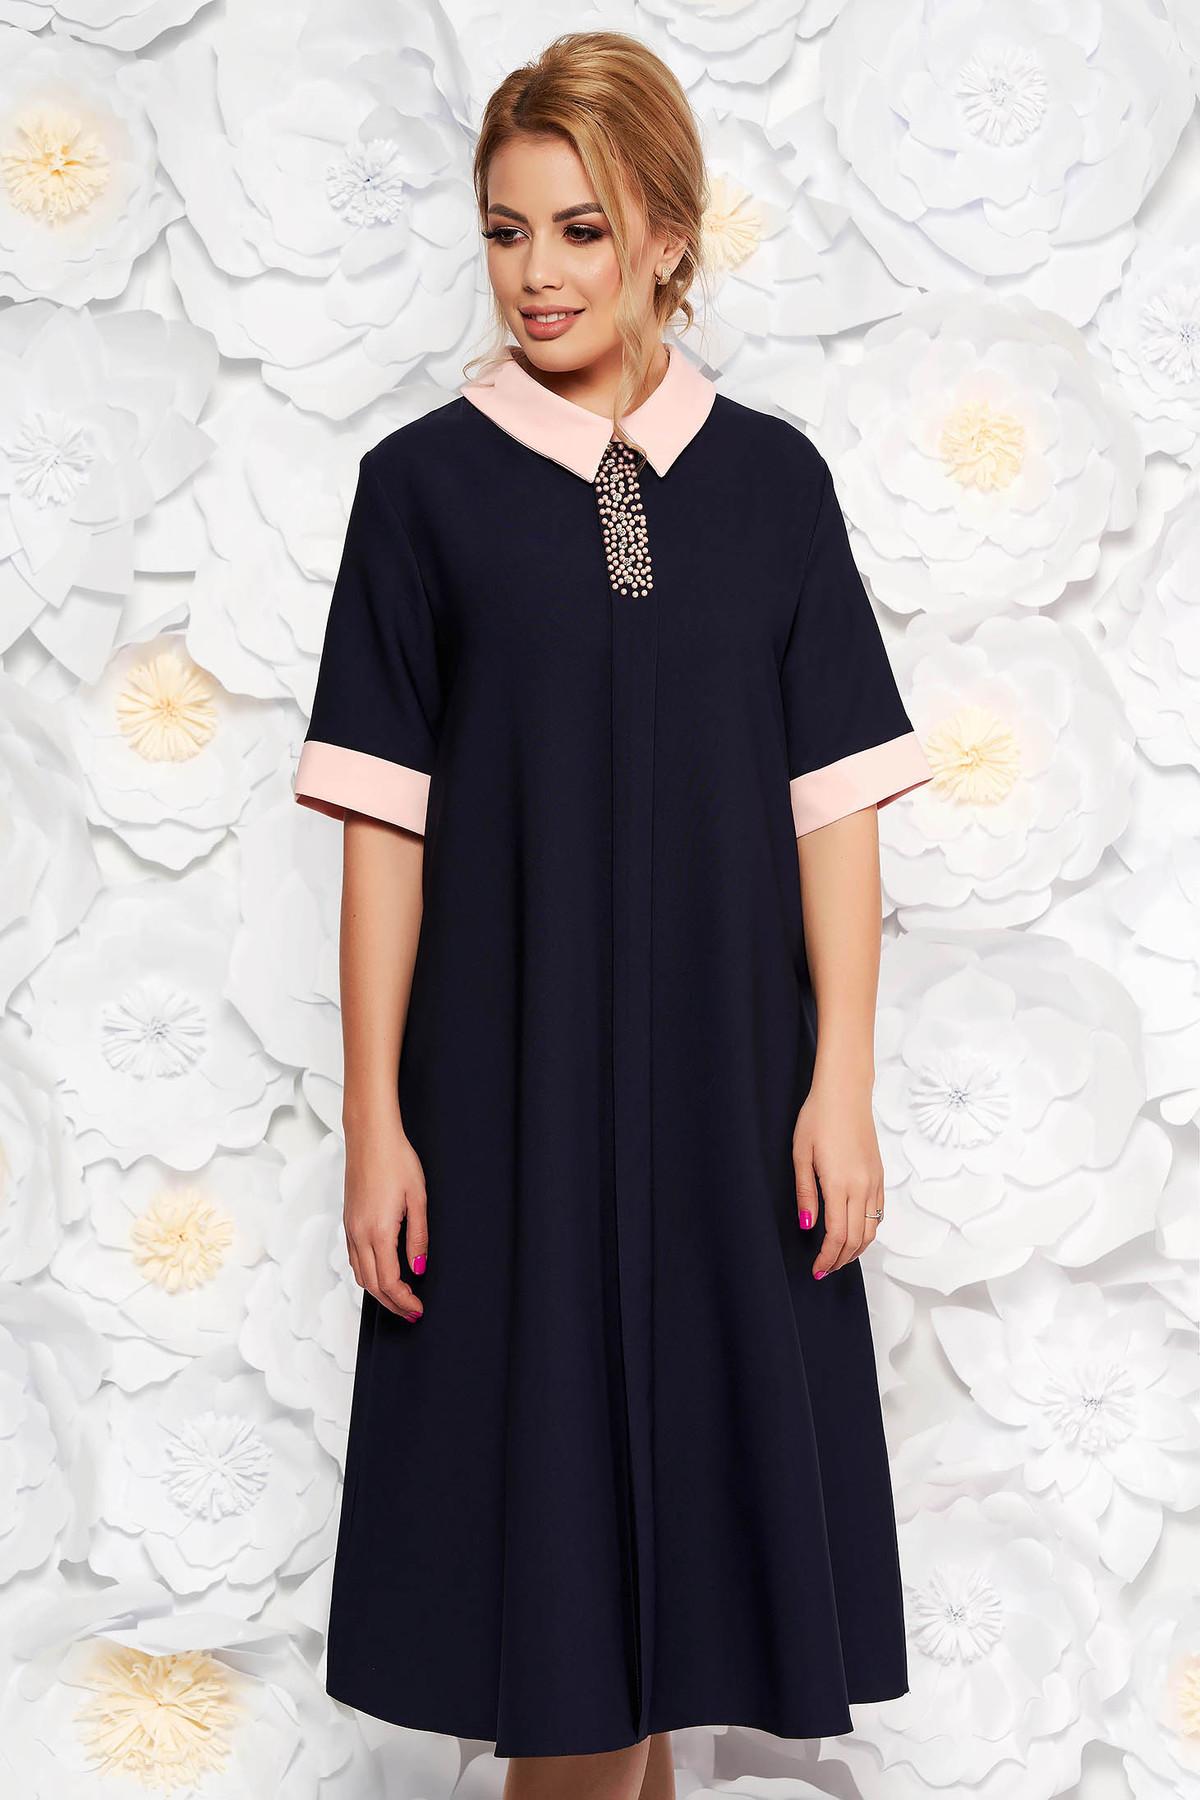 Rochie albastra-inchis eleganta midi cu croi larg din material fin la atingere cu aplicatii cu margele cu buzunare